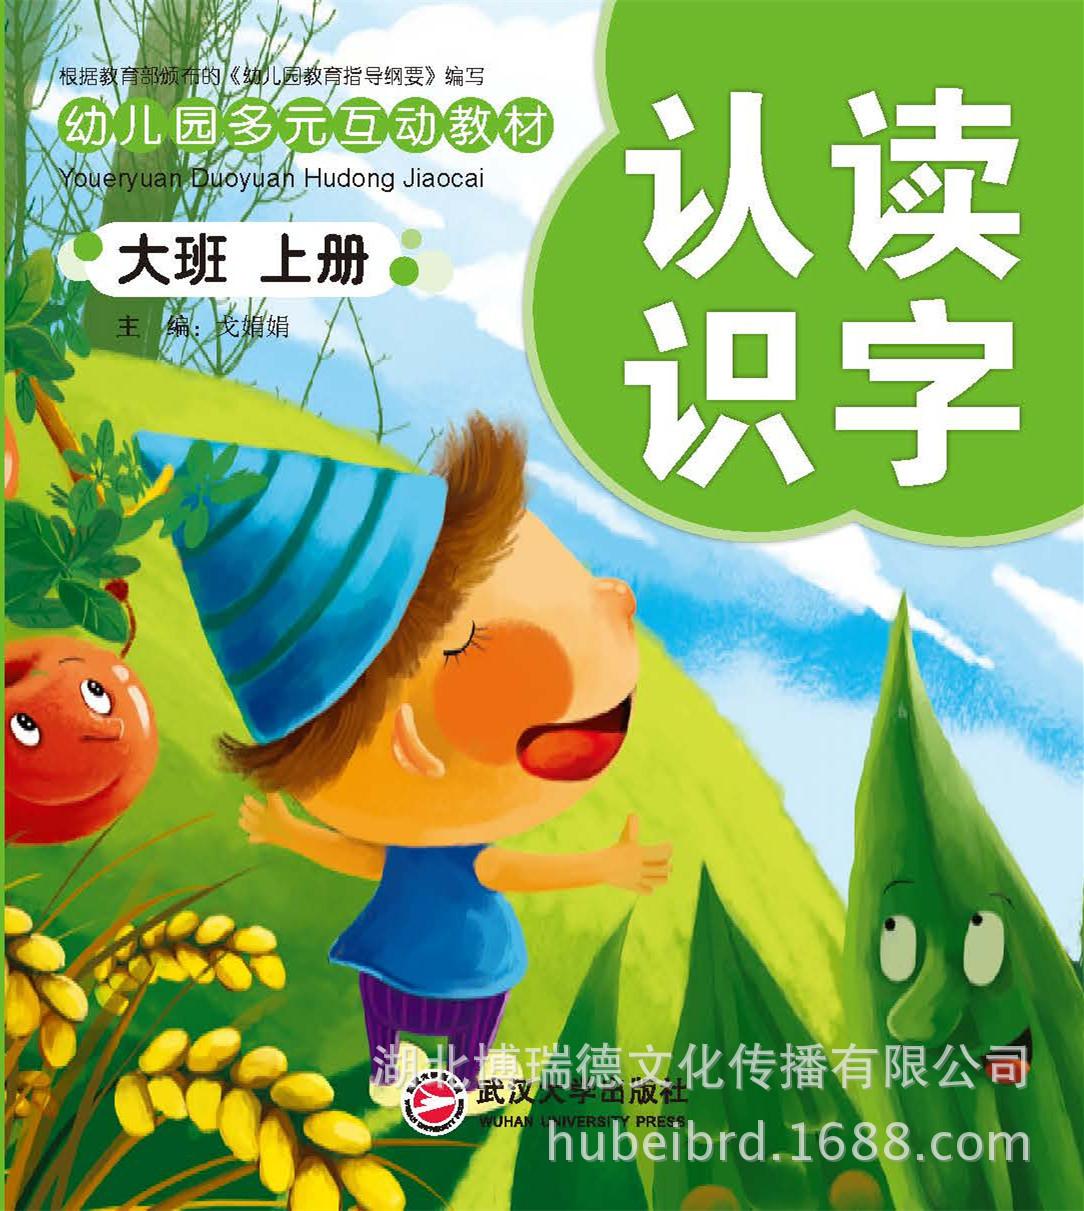 【幼儿园教材特价促销】简装多元互动教材-大班(上册)